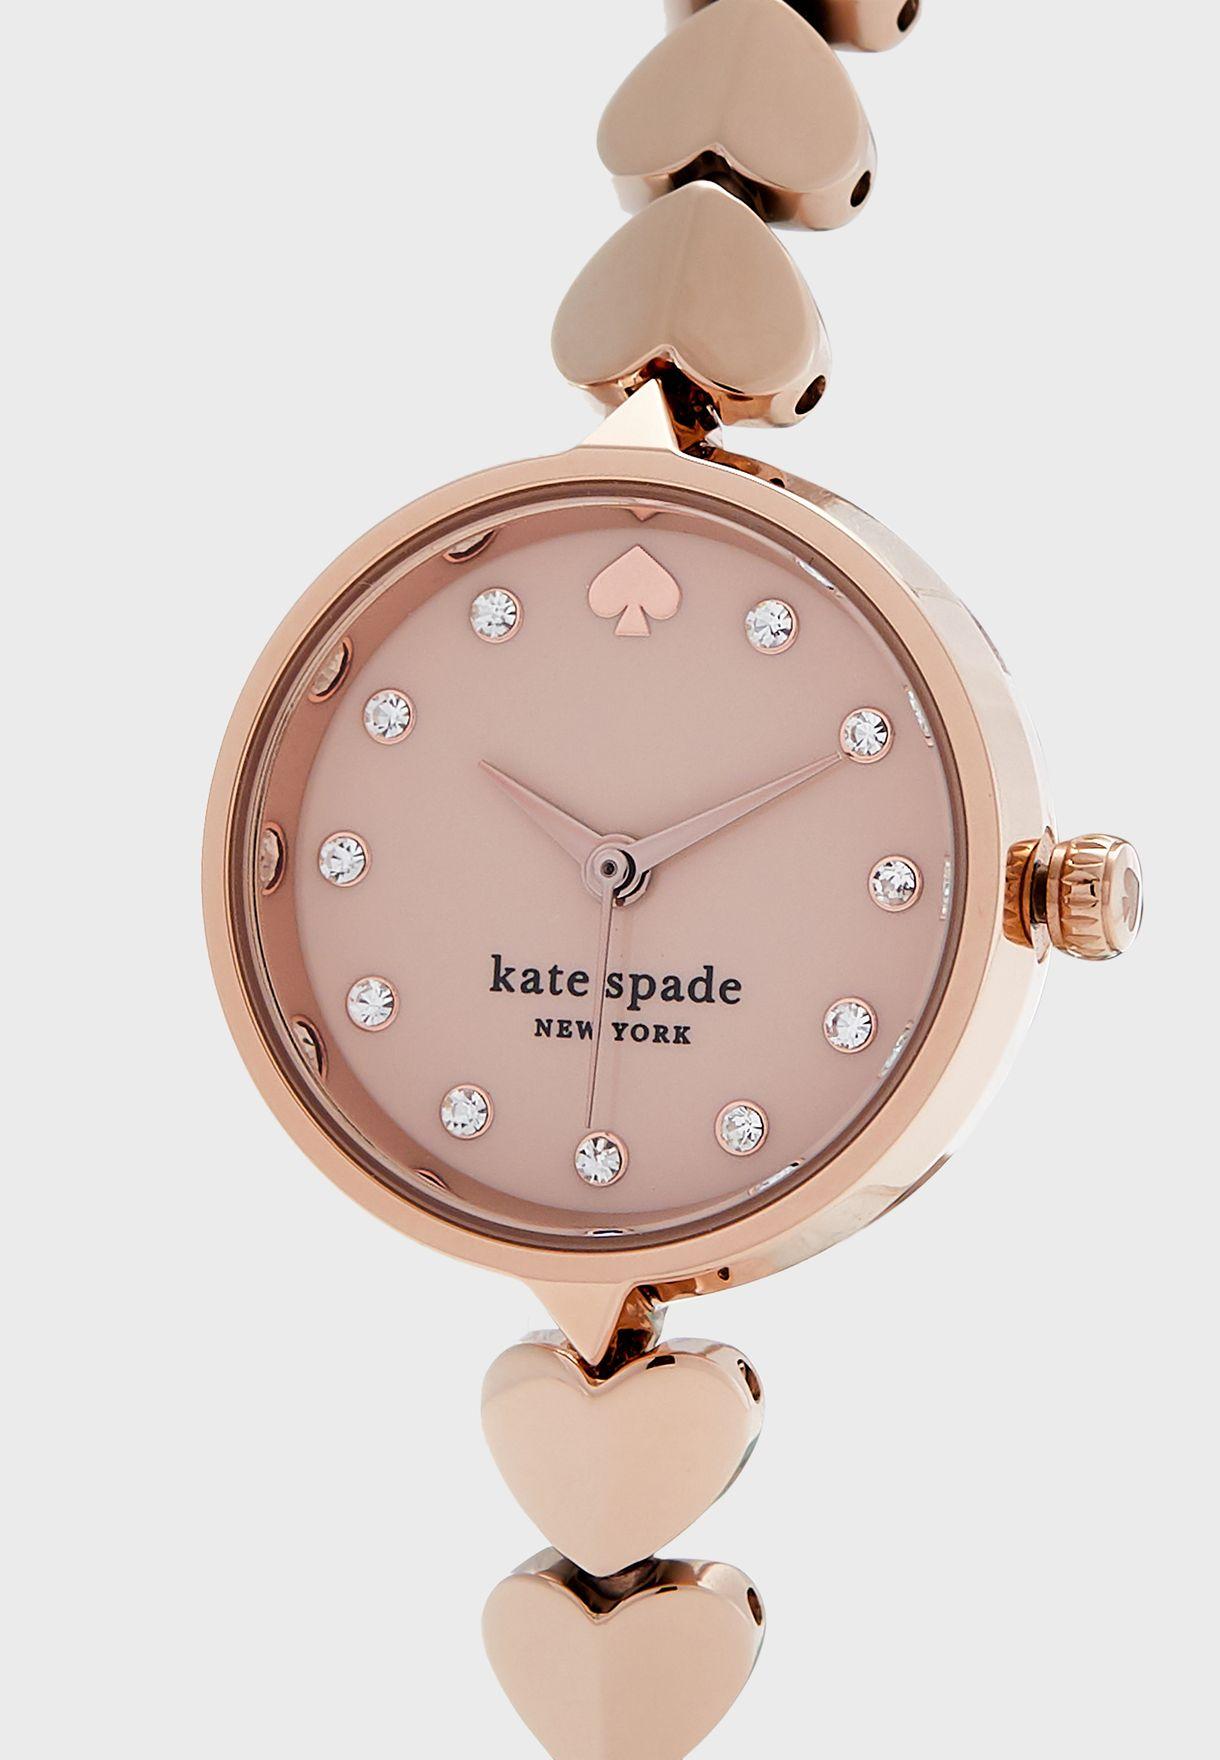 ساعة بحزام بشكل قلوب